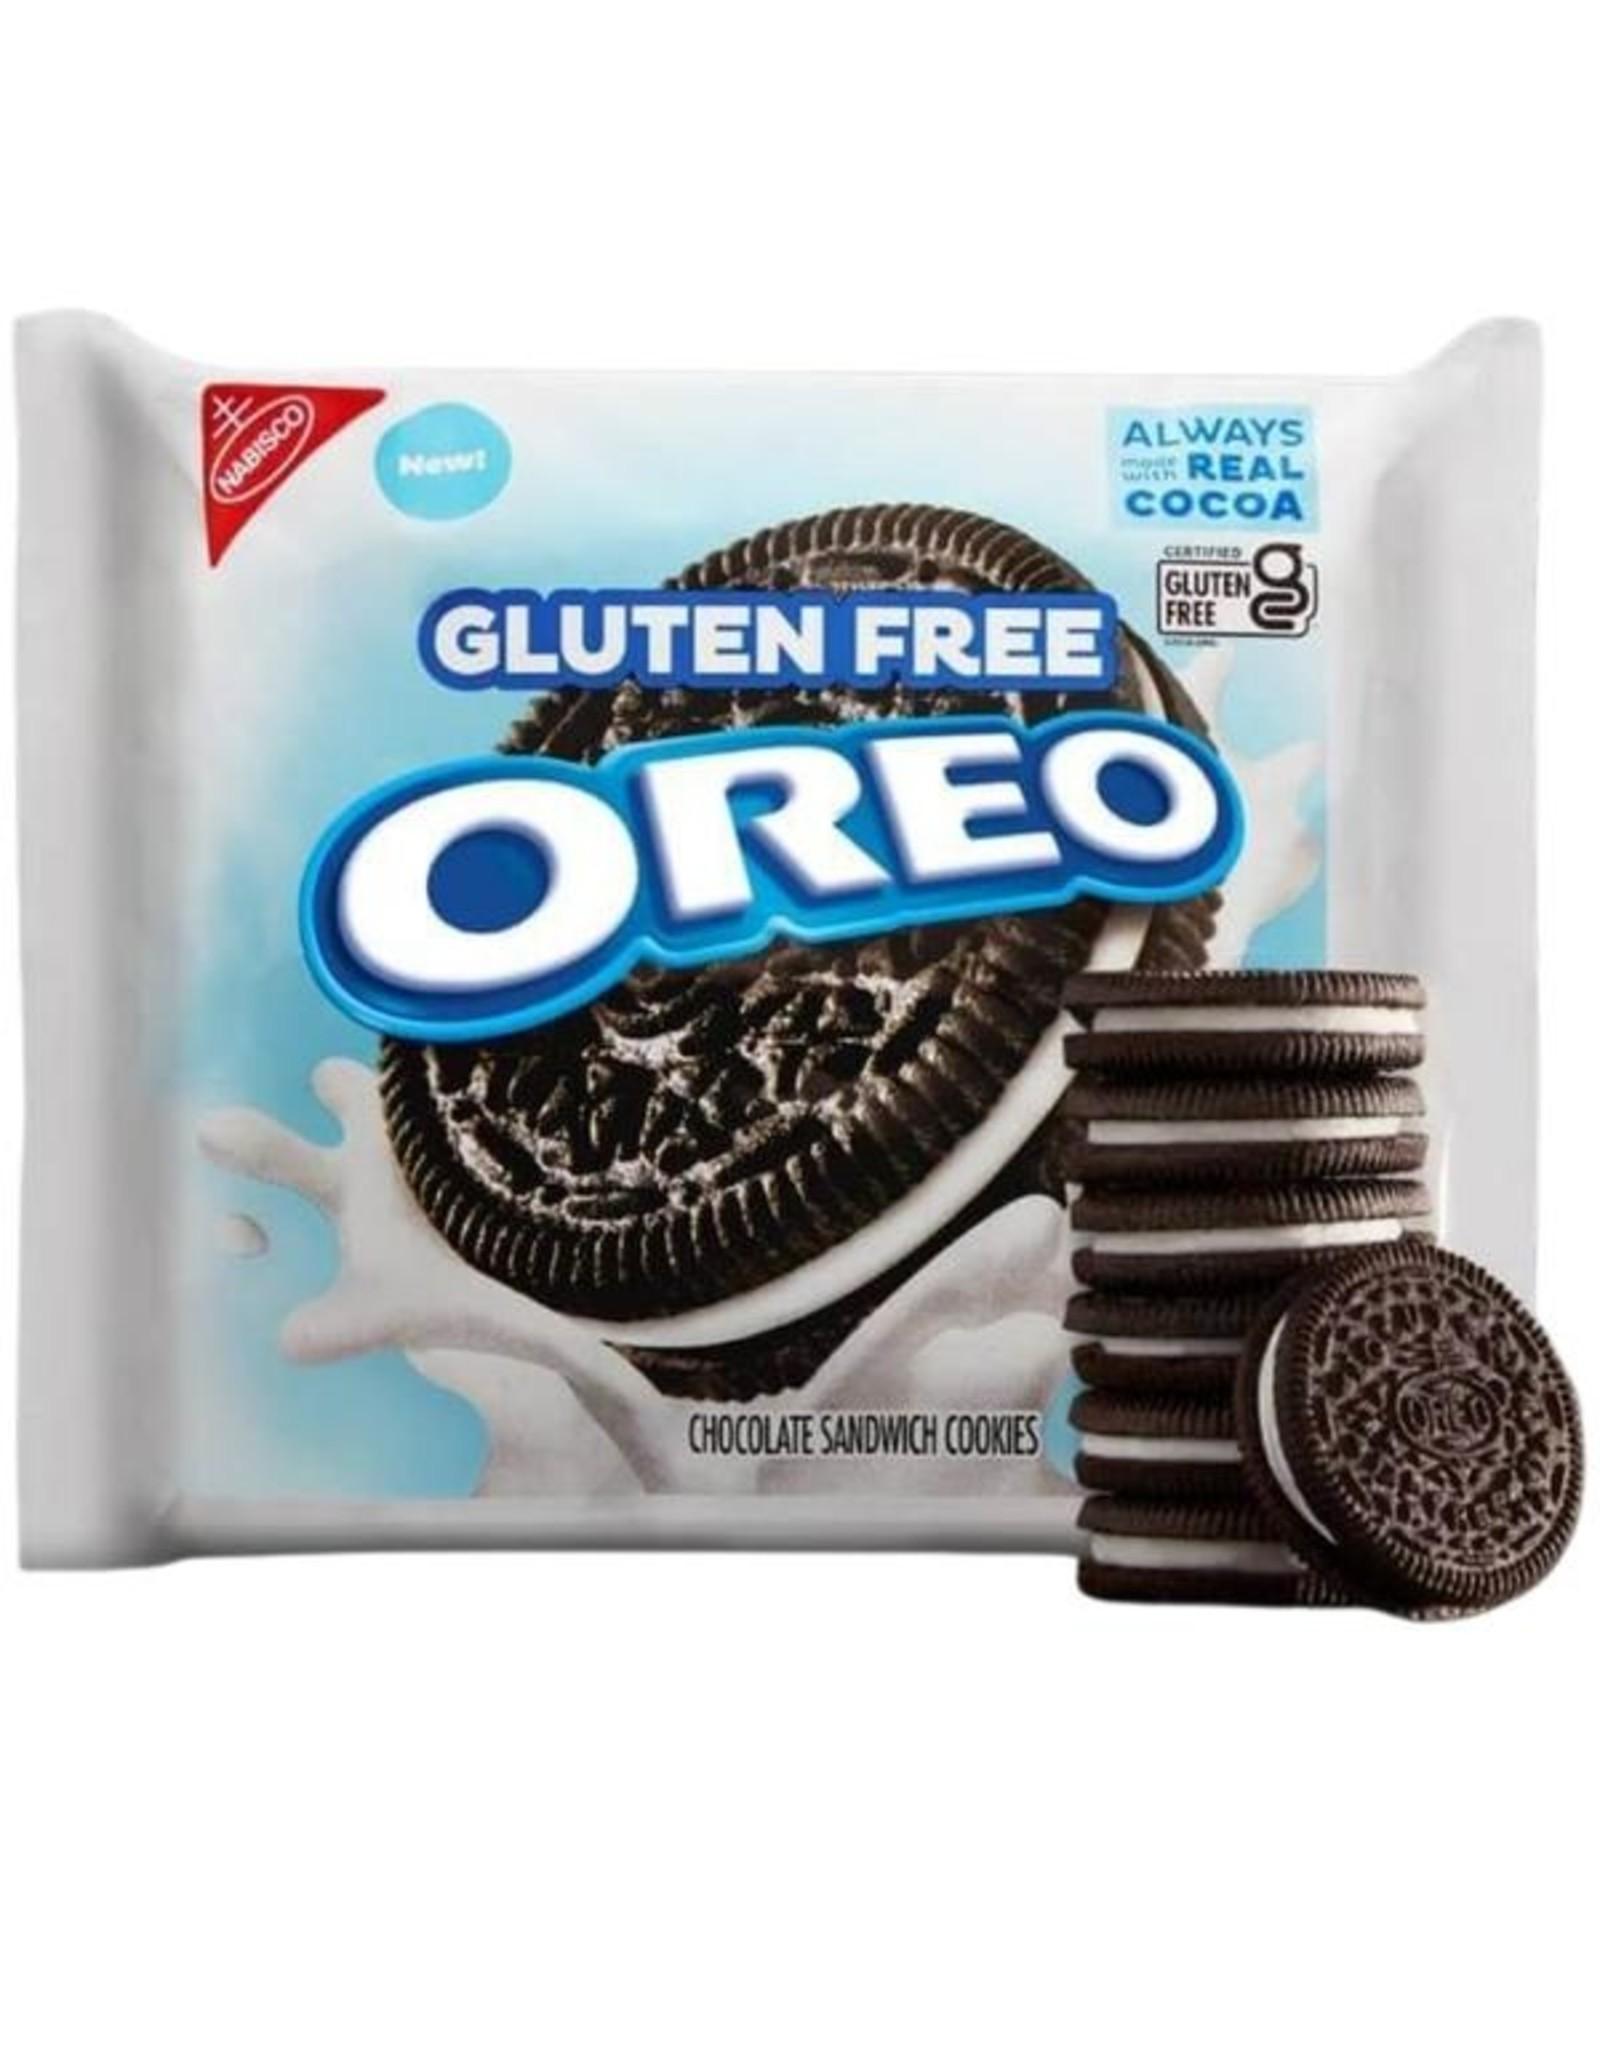 Oreo Gluten Free - Family Pack - 376g